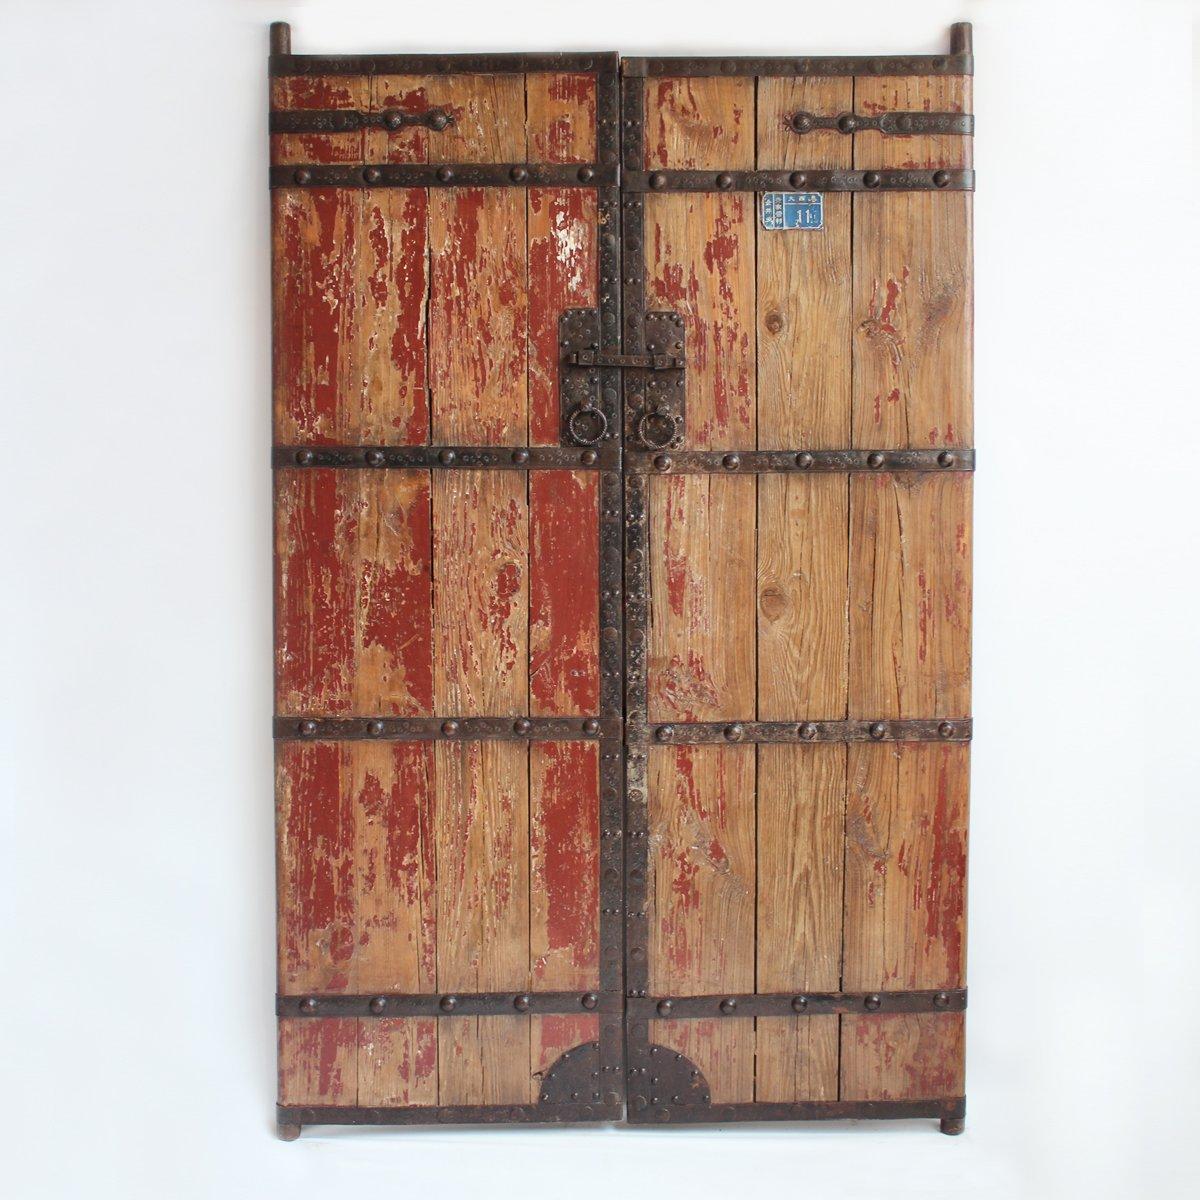 Antique Wood & Iron Garden Gate 0